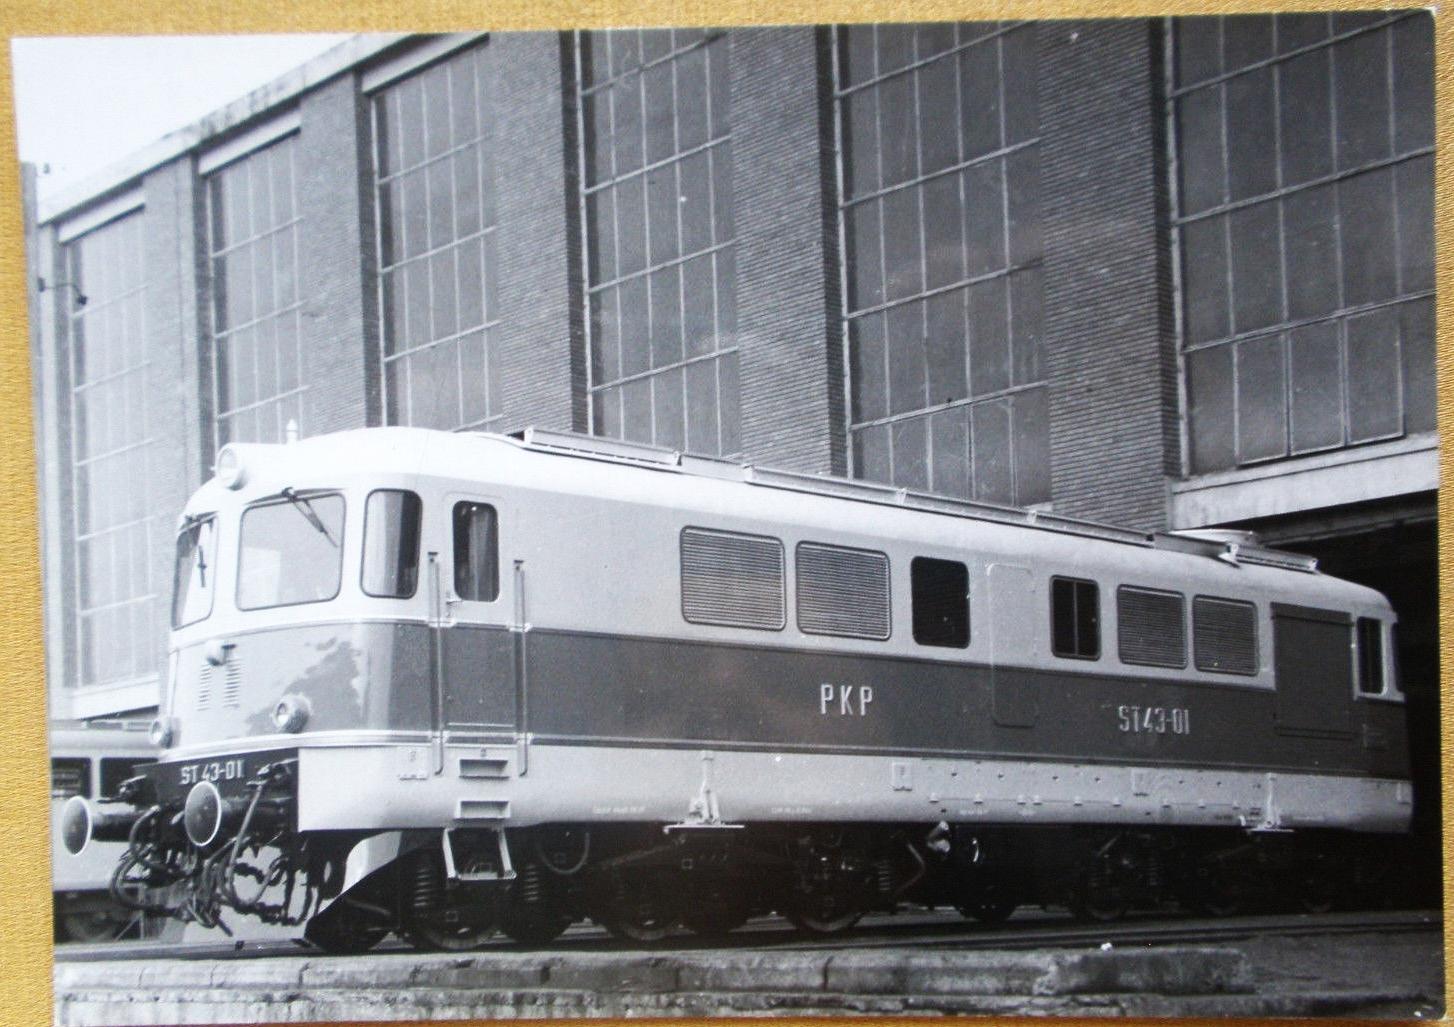 PKP ST43-01.jpg